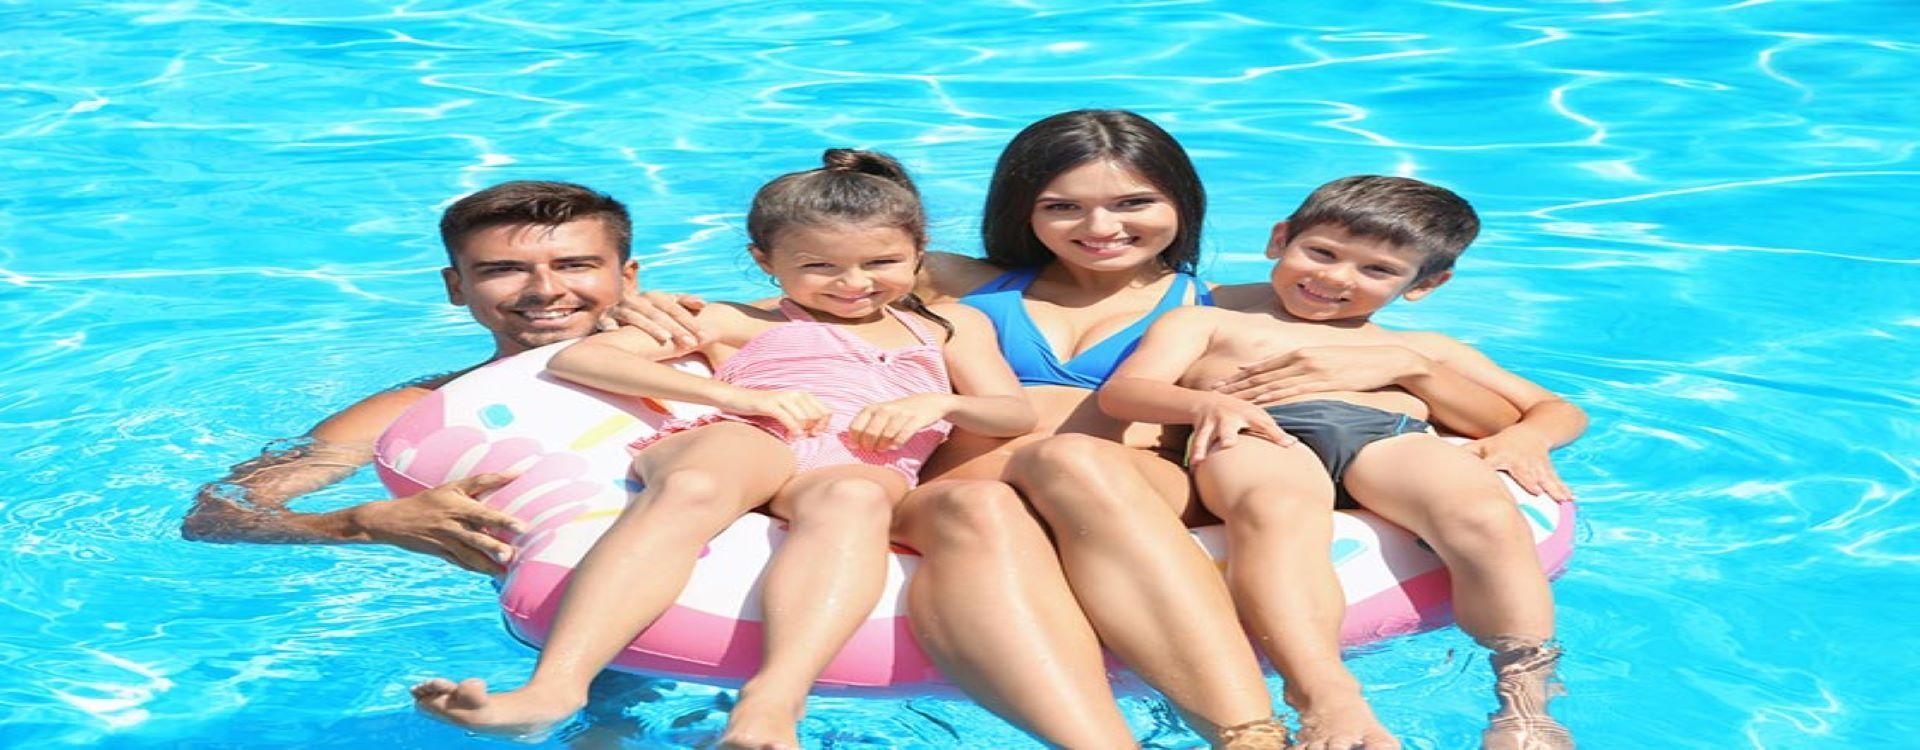 Les bienfaits de la piscine chez soi